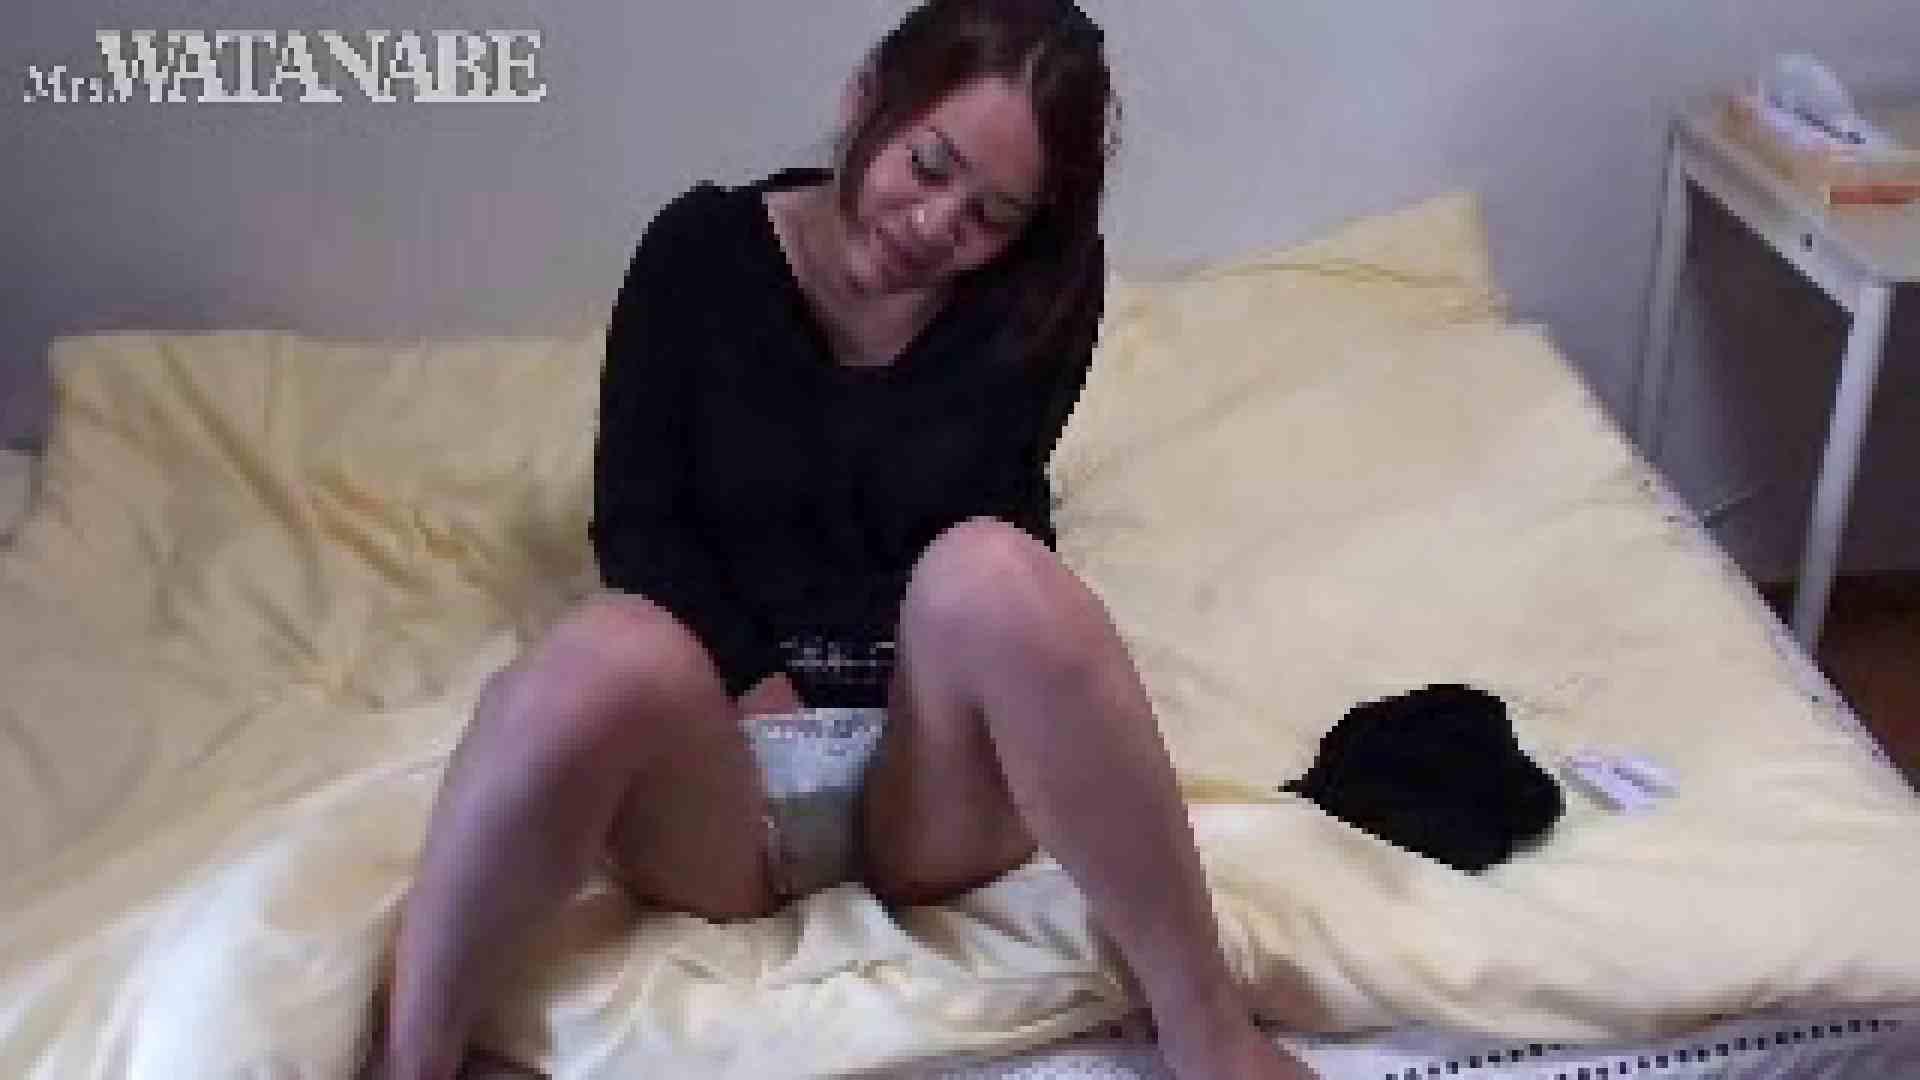 SNSで出会った人妻をハメ撮りしちゃいます 2回目 前編 投稿 | 人妻エロ映像  105pic 79